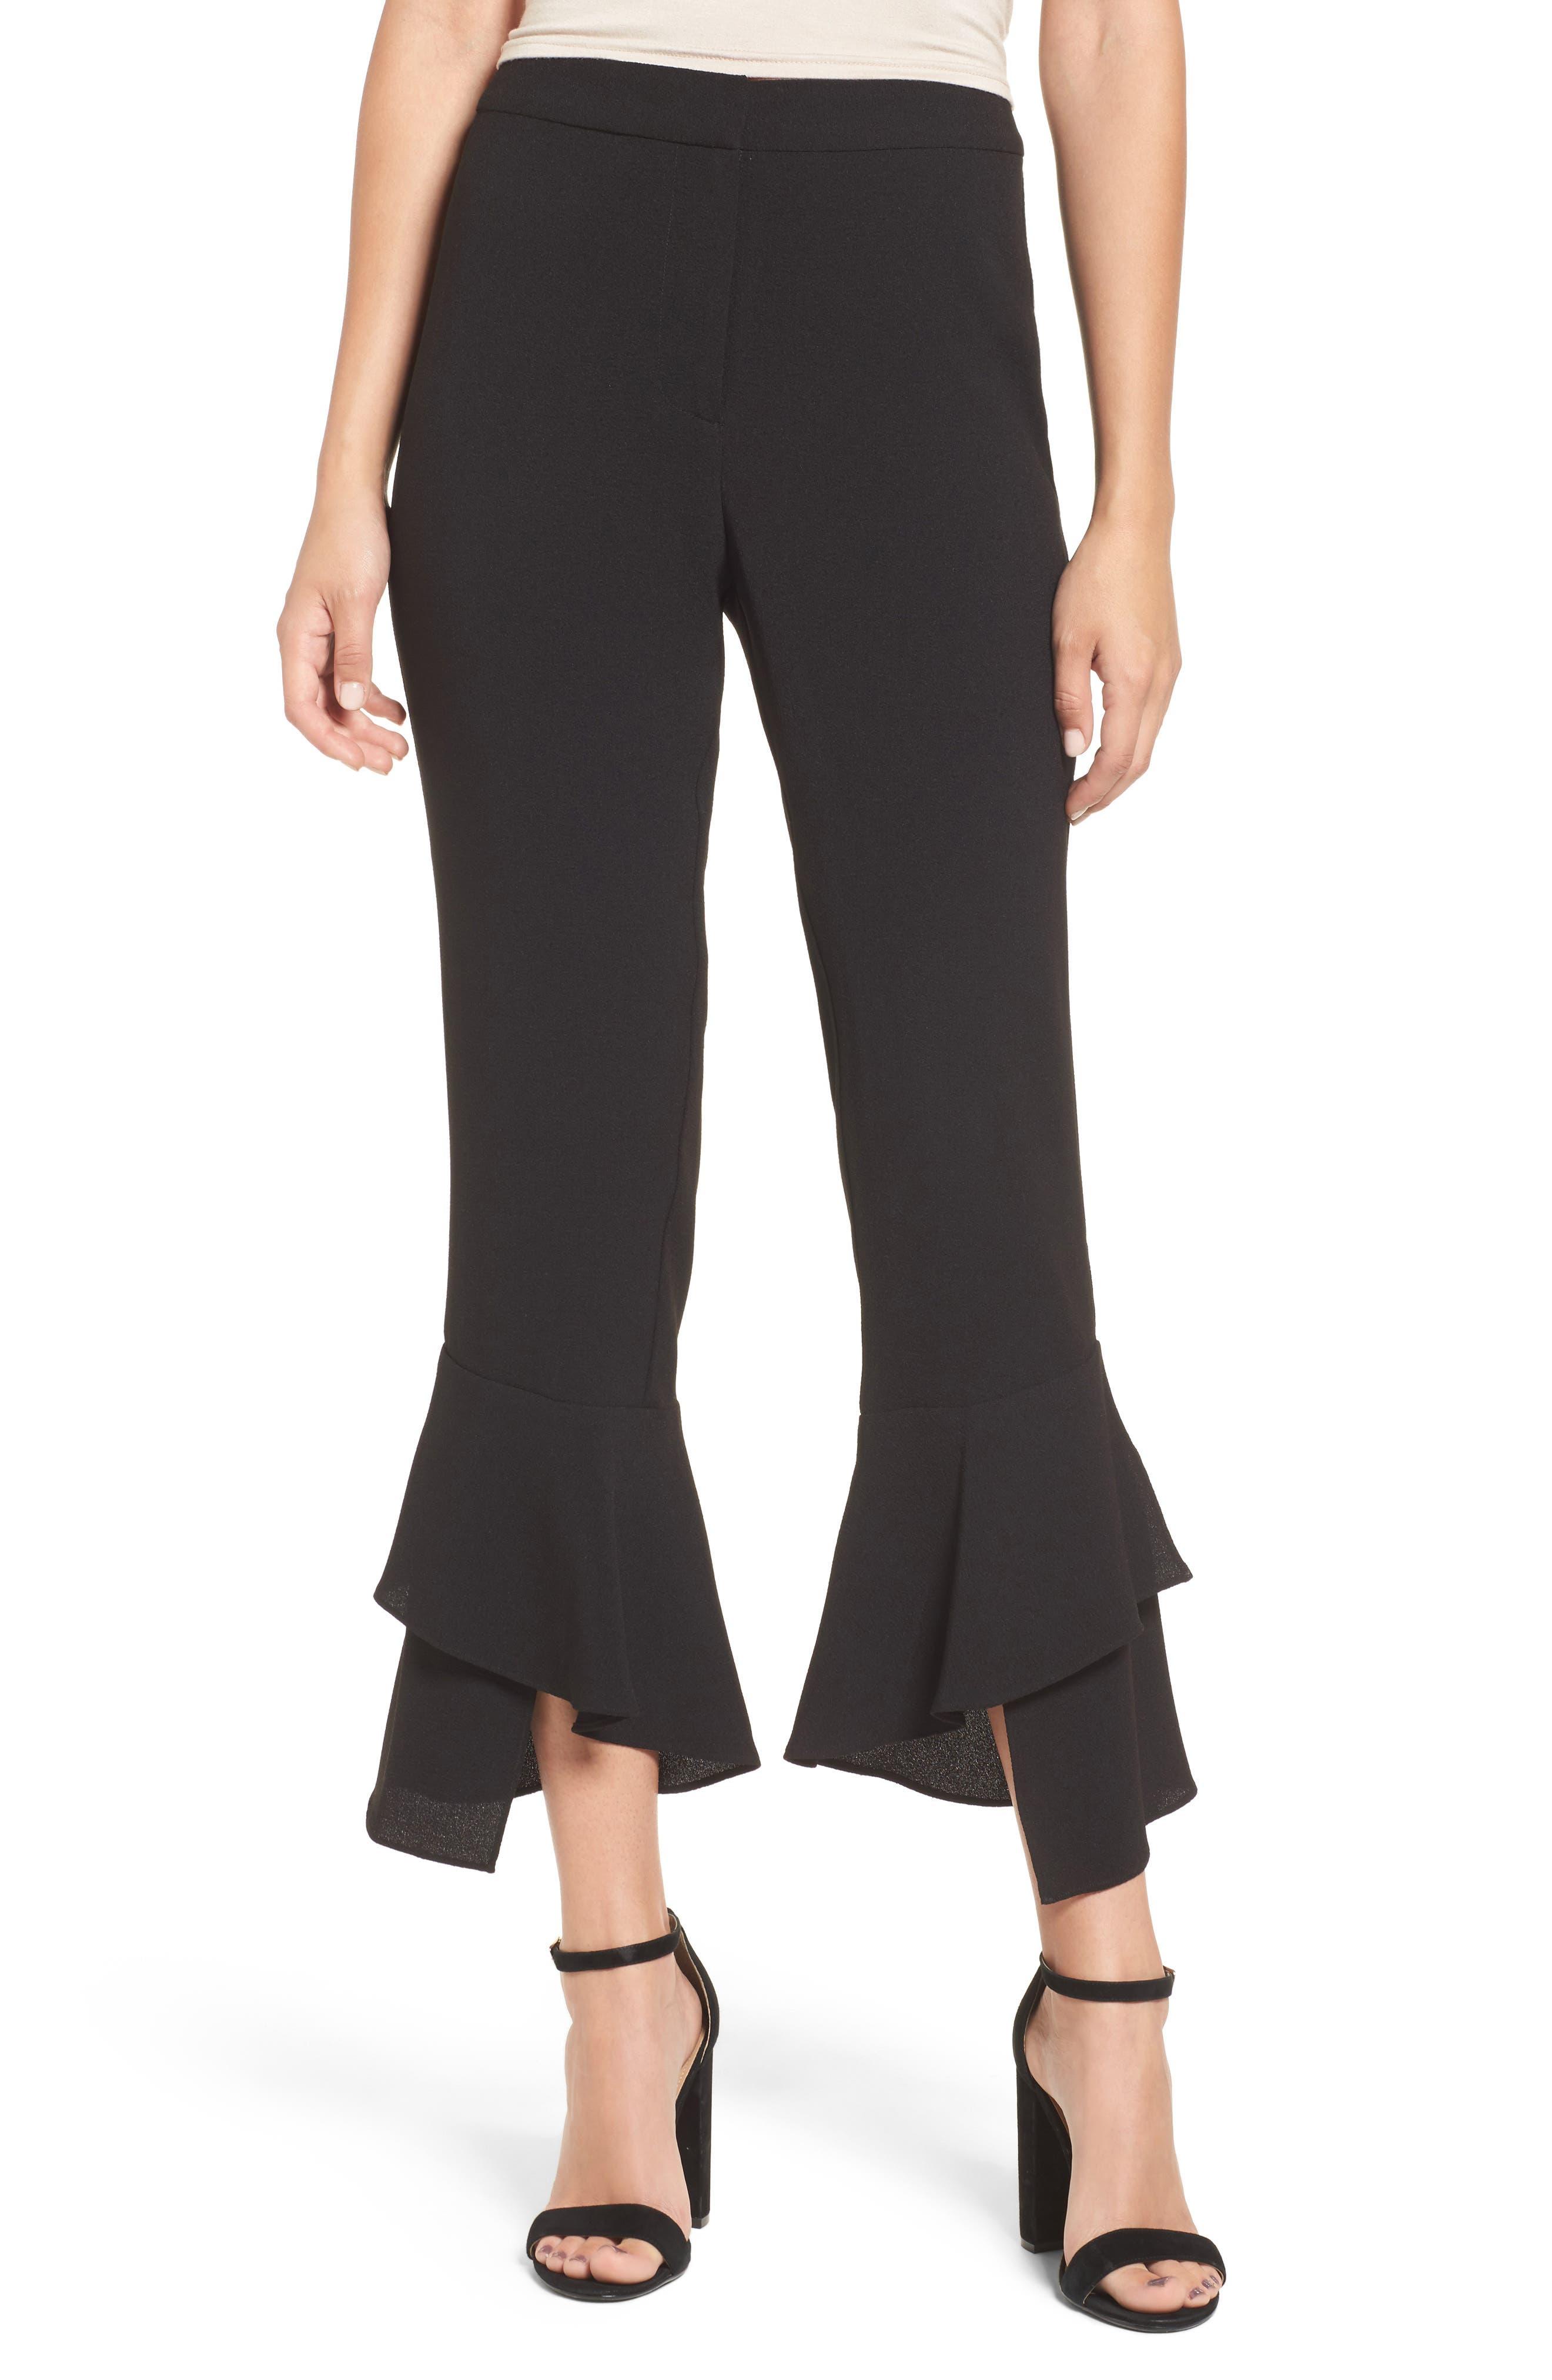 Gail Ruffle Hem Crop Pants,                         Main,                         color, Black